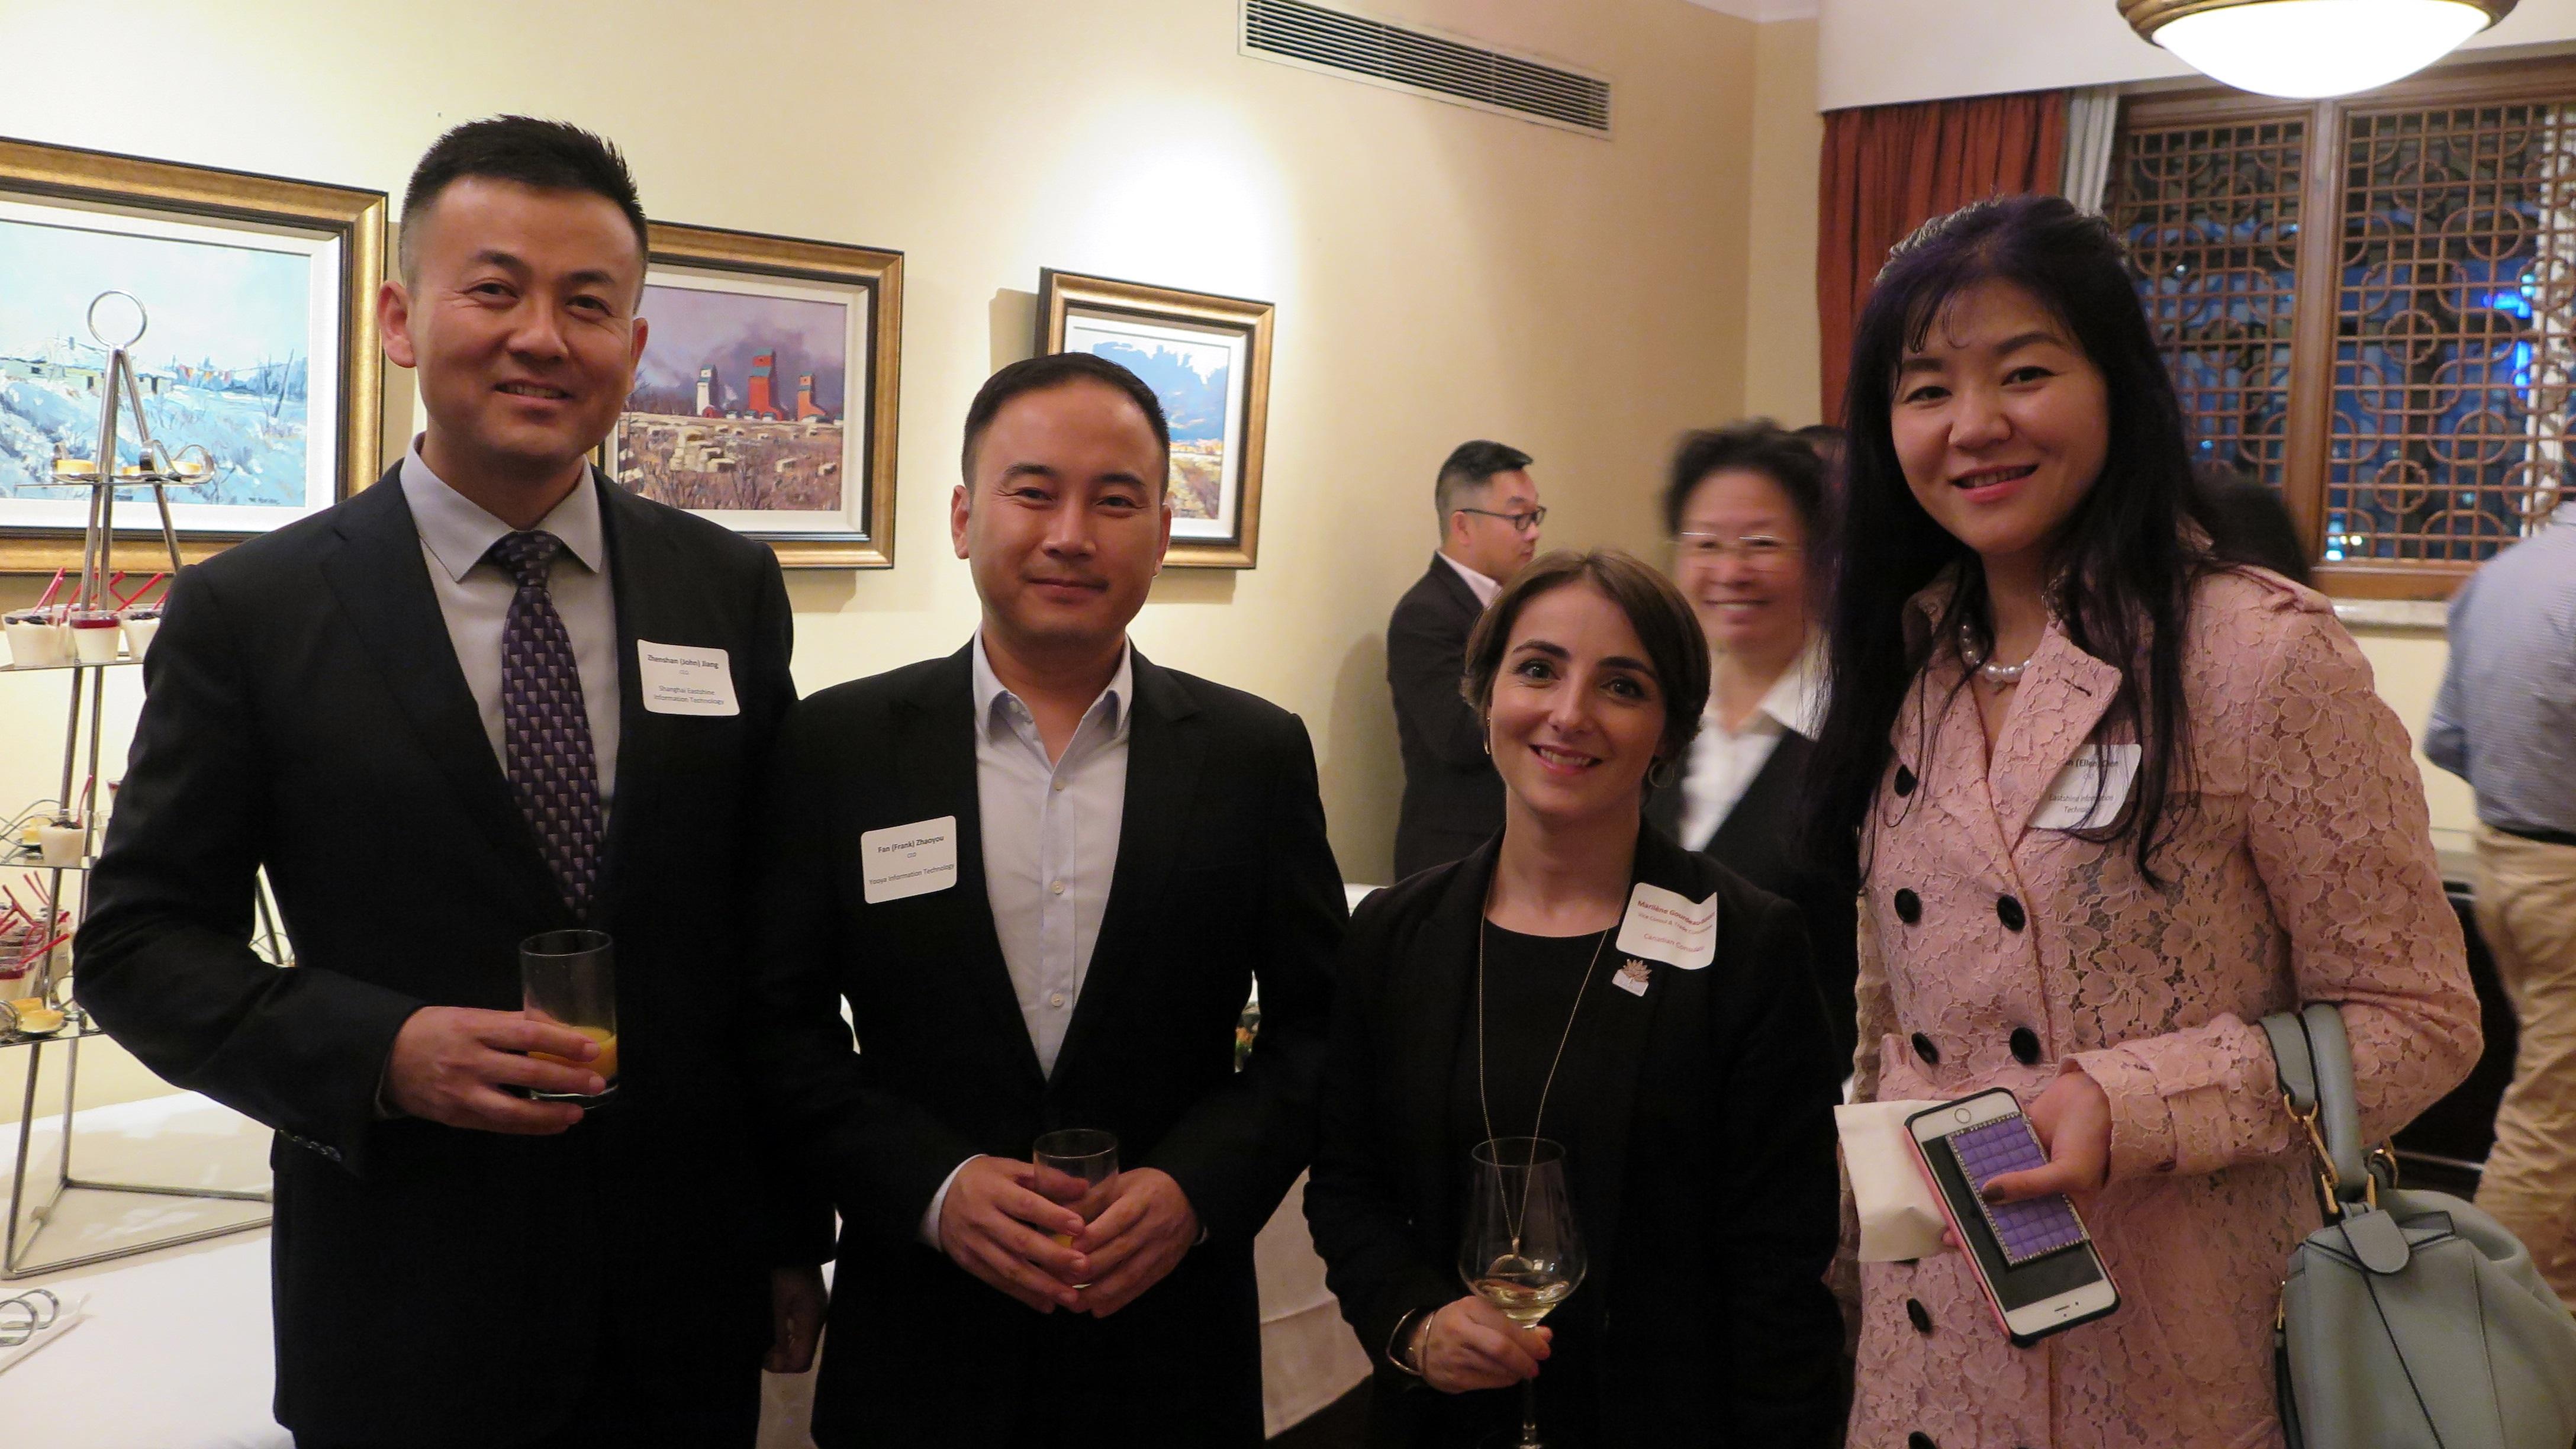 加拿大驻上海副领事 Ms. 和 东尚科技高管 Mr.Jiang/Ms. Sun, 友亚科技高管 Mr. Fan